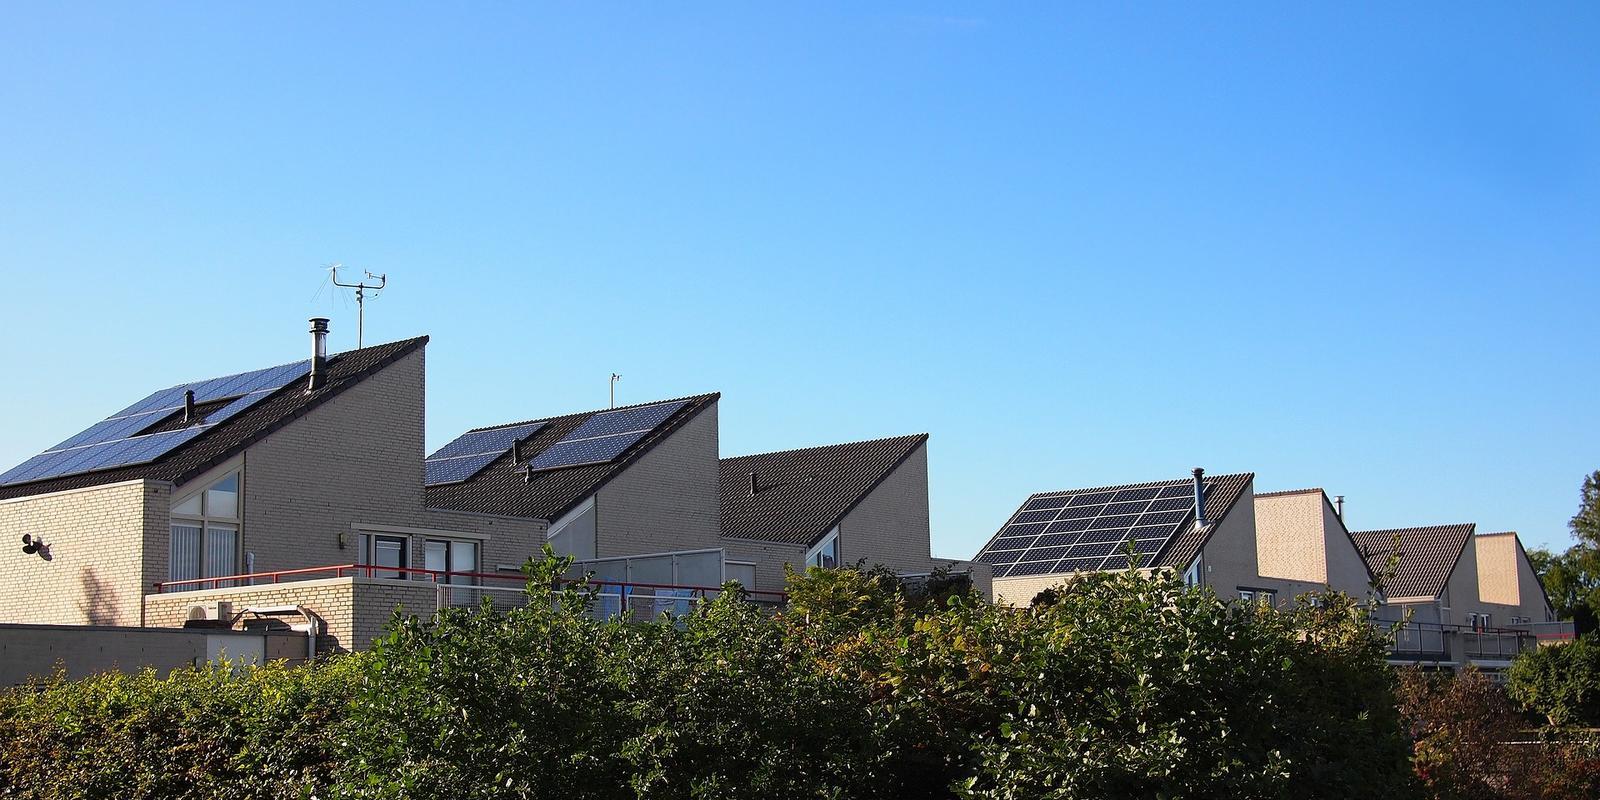 hoeveel zonnepanelen passen op mijn dak